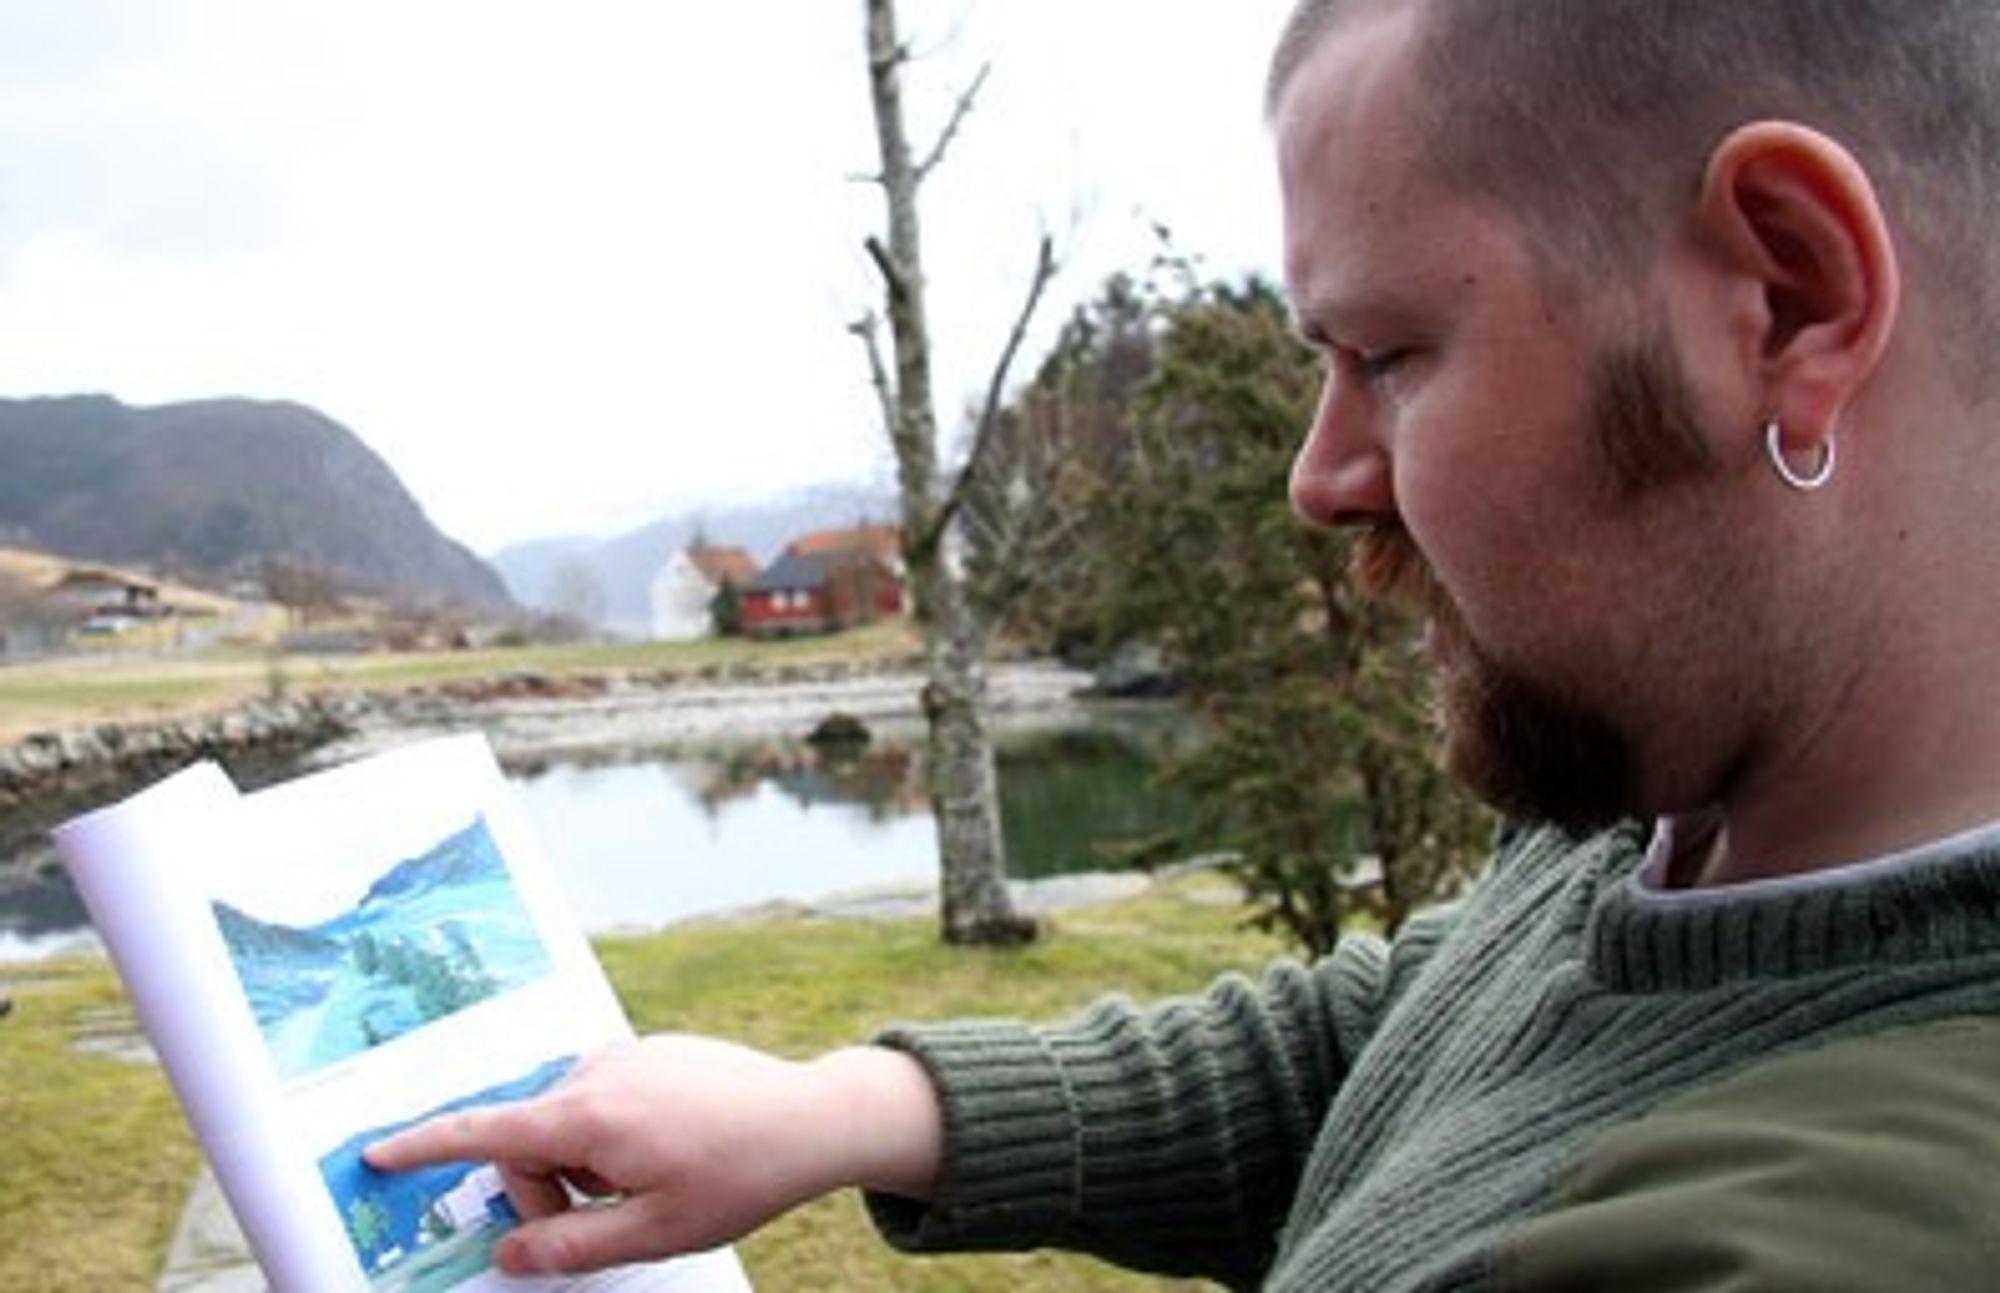 Ole Erik Thinges forklarer omfagnet av planene til Nordic Mining i Engebøfjellet.